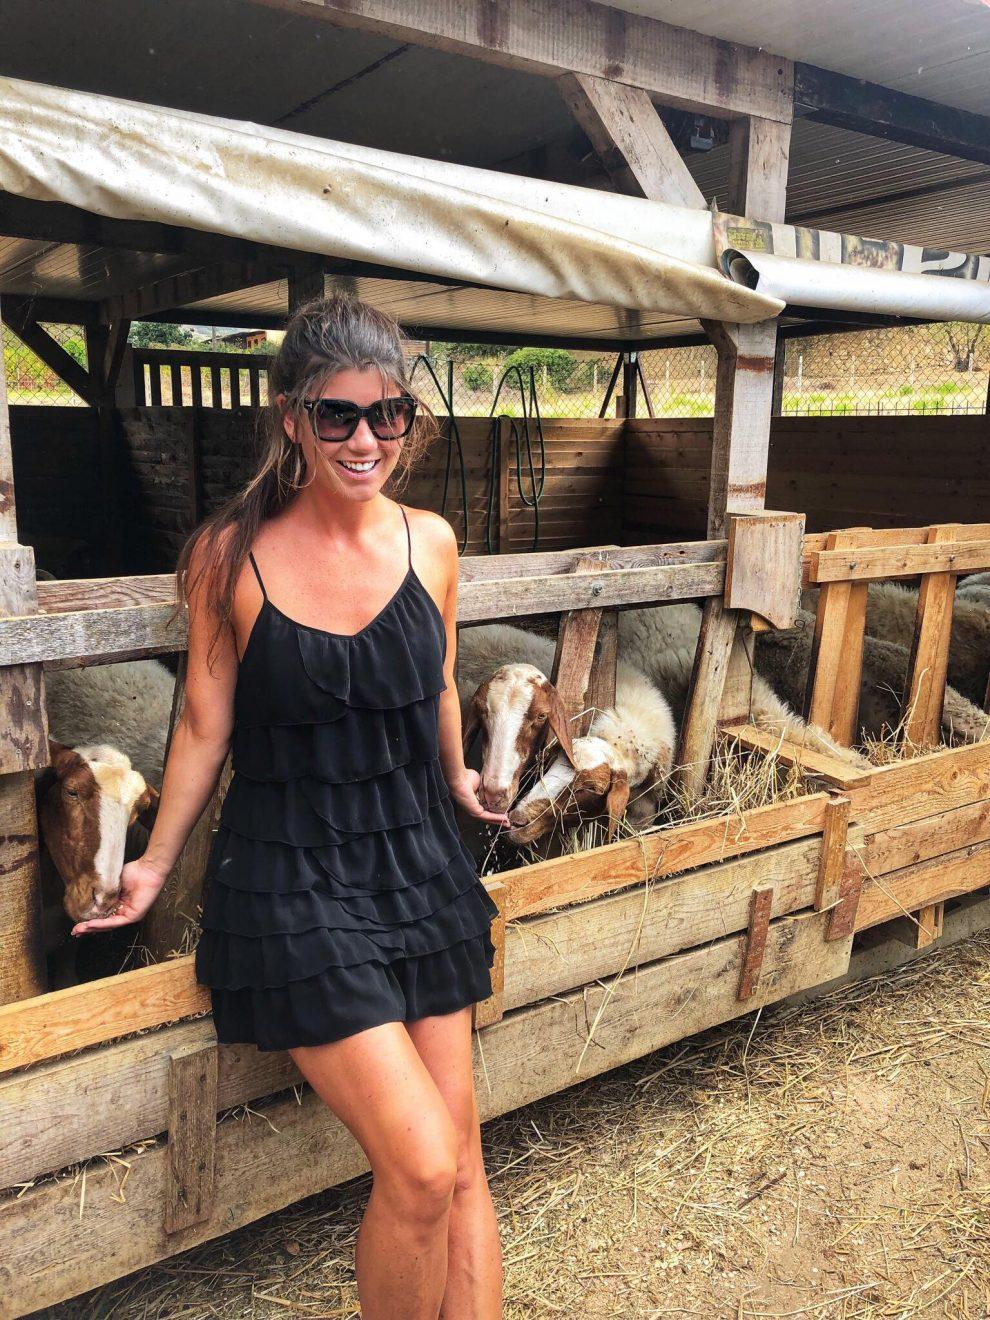 vakantie op Elba - dingen doen op Elba - schapenkaas eten bij Regali Rurali